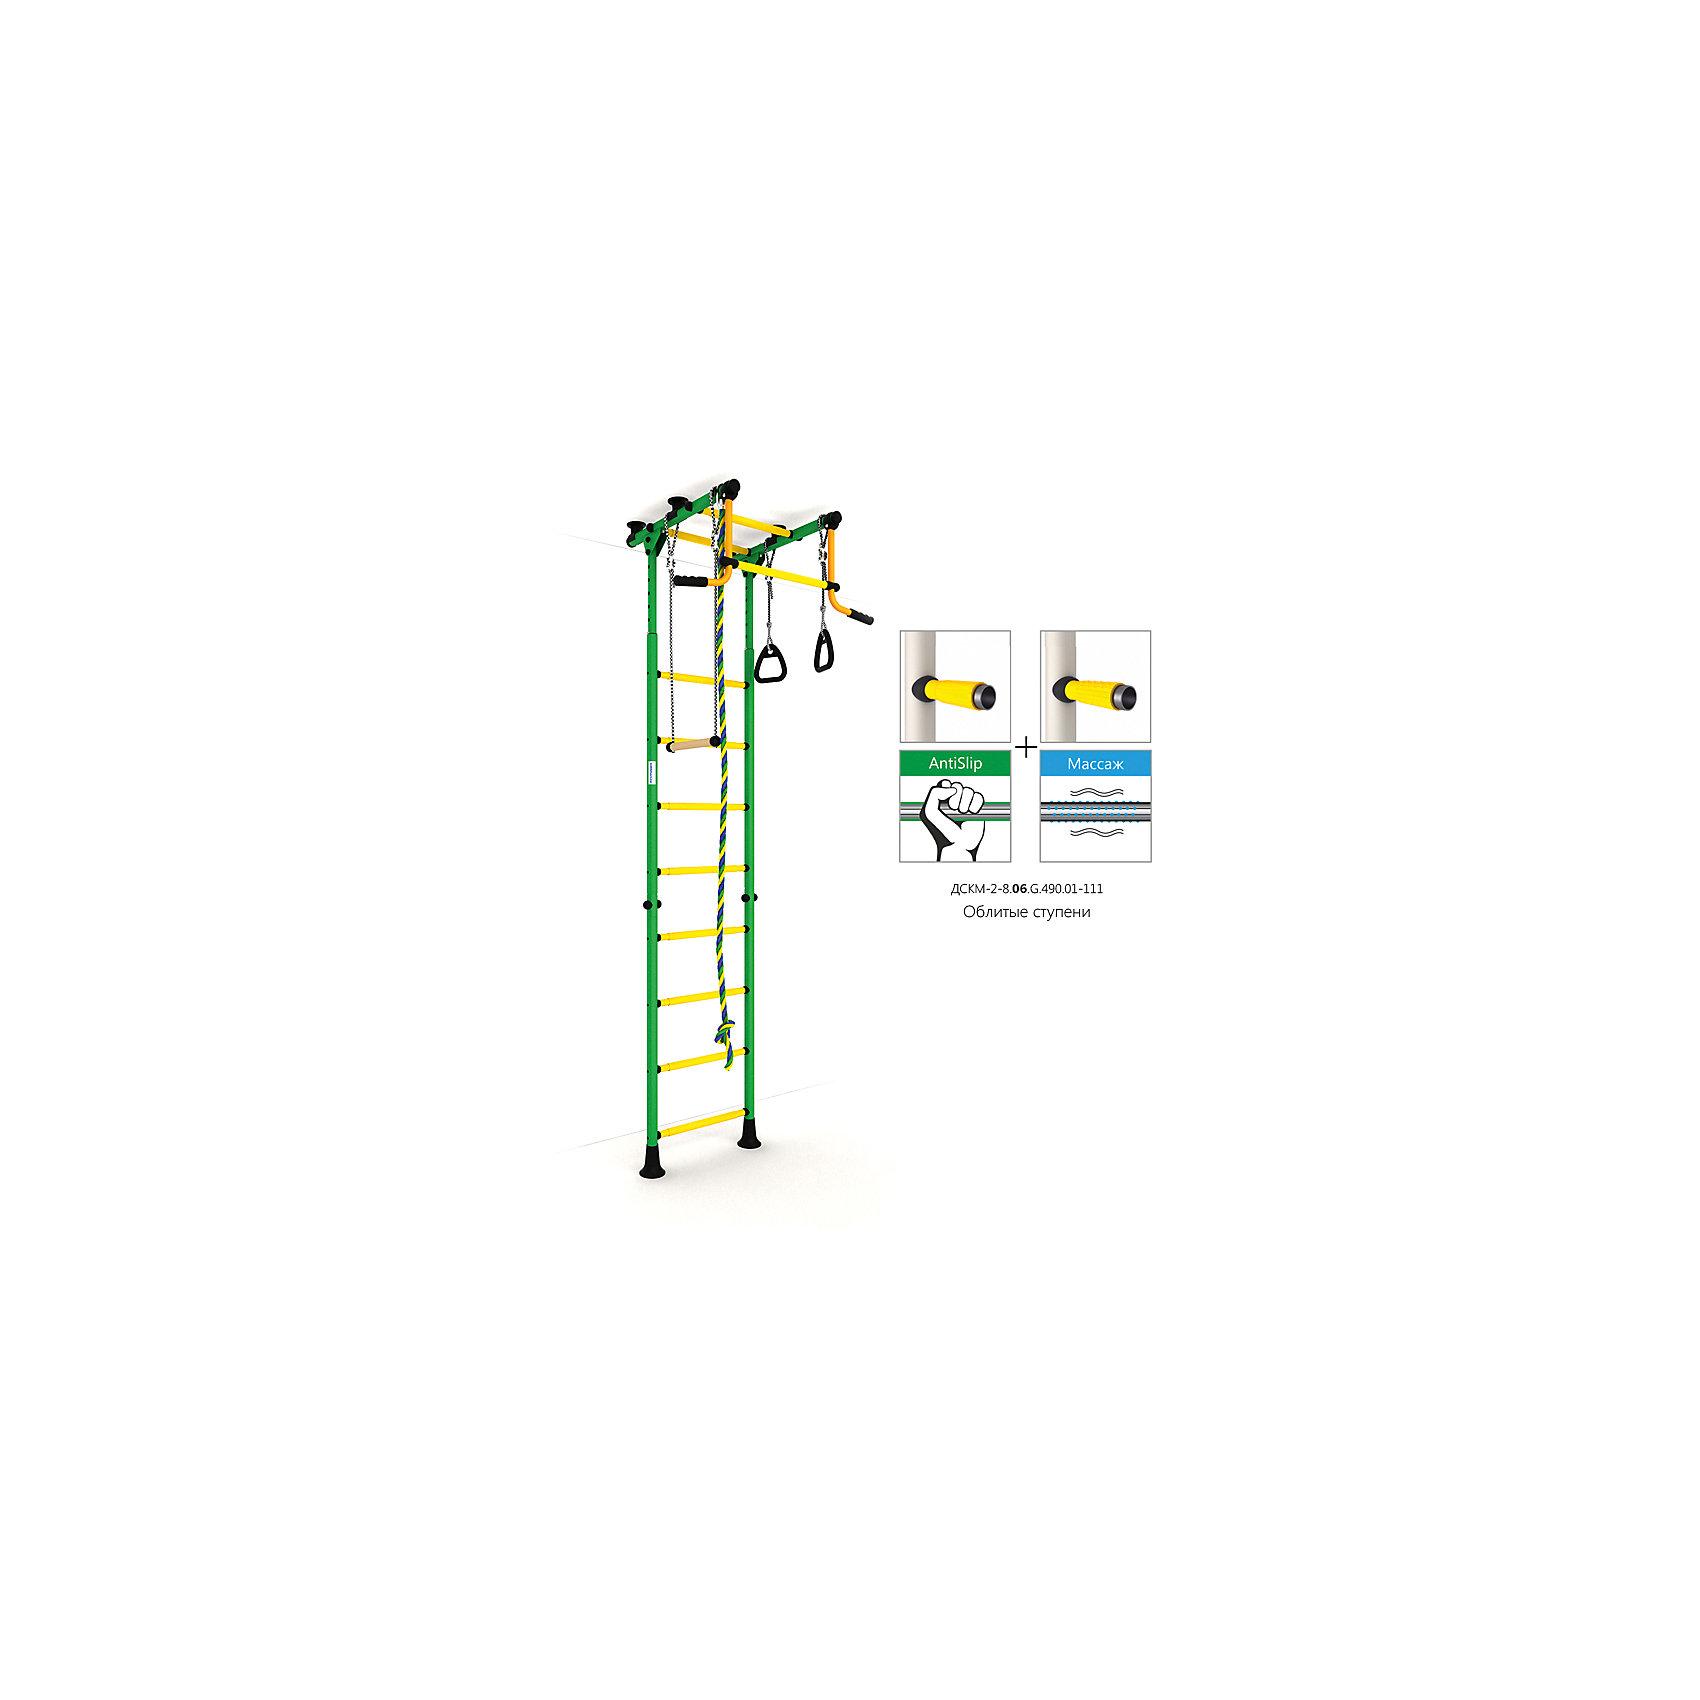 Шведская лестница Комета-2, зеленый-желтыйШведские стенки<br>Шведская стенка с креплениями в распор (между полом и потолком) - одна из самых популярных моделей. Благодаря креплению, не требующему сверления поверхностей, домашний спортивный комплекс быстро устанавливается и позволяет легко менять место установки в комнате. В комплекте: лестница гимнастическая, турник неподвижный, кольца гимнастические, трапеция, канат.<br><br>Ширина мм: 1160<br>Глубина мм: 535<br>Высота мм: 140<br>Вес г: 27000<br>Возраст от месяцев: 36<br>Возраст до месяцев: 192<br>Пол: Унисекс<br>Возраст: Детский<br>SKU: 5251538